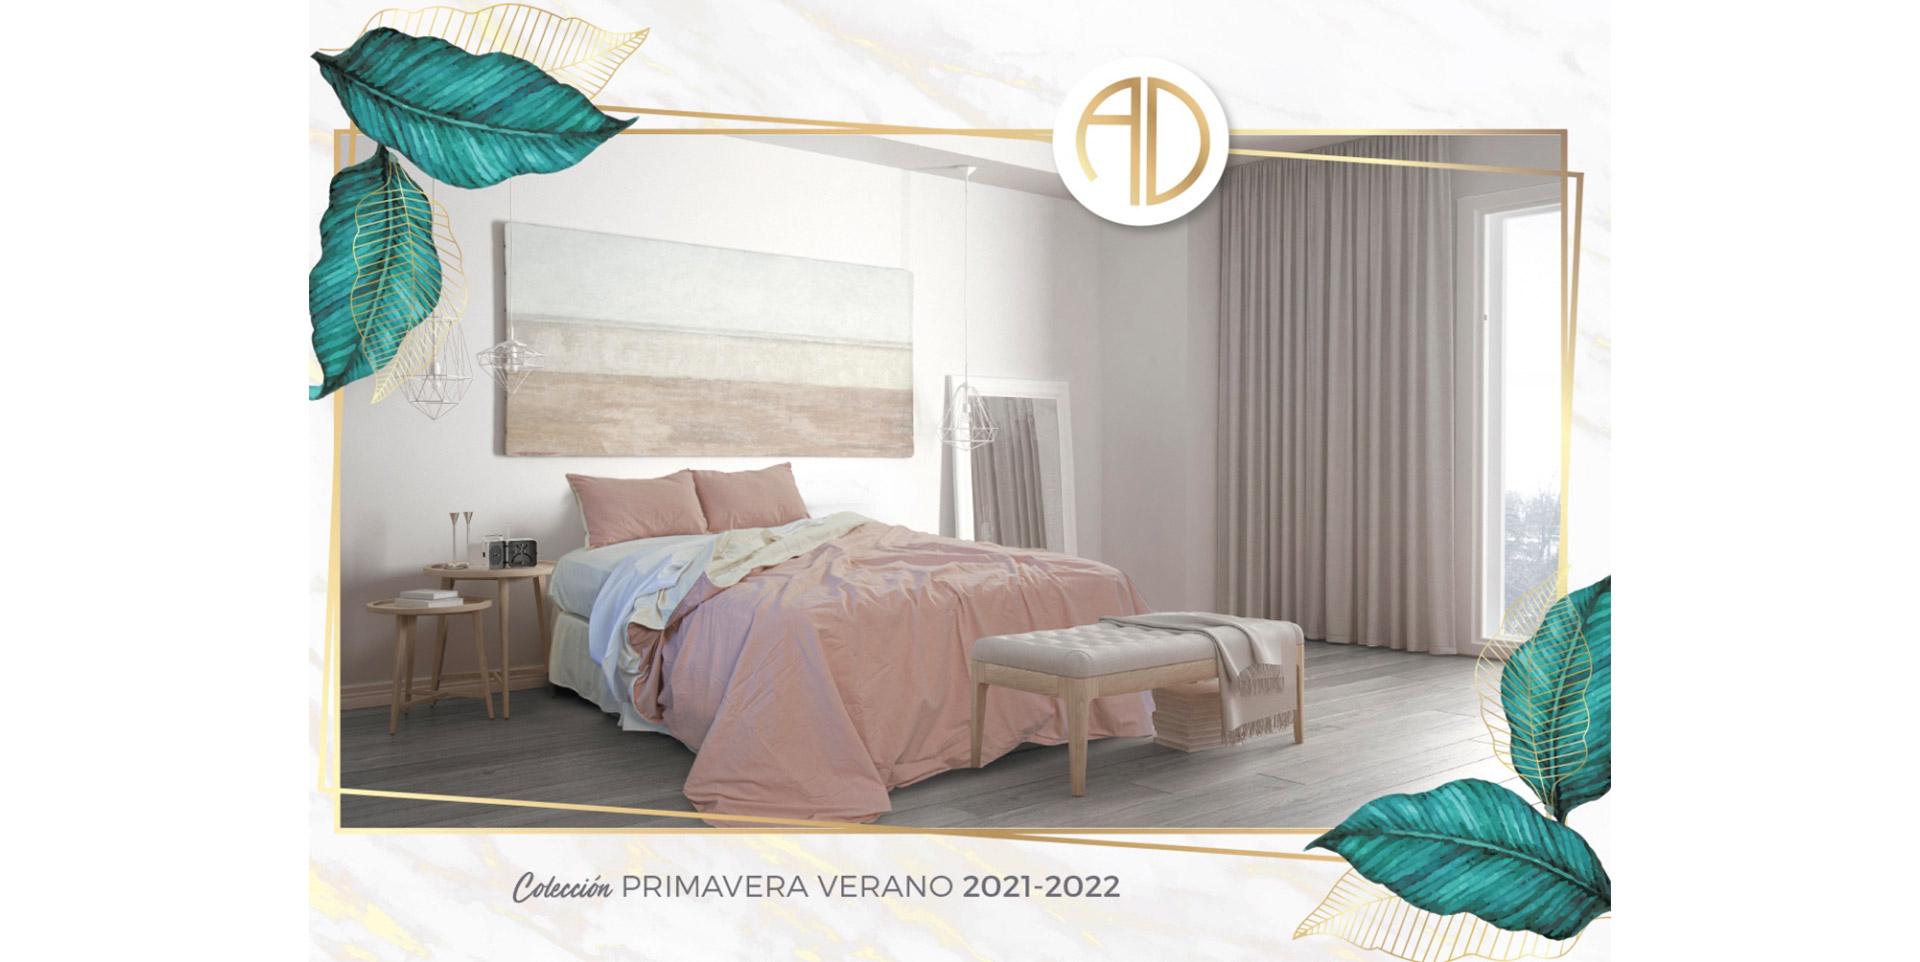 Catálogo Primavera Verano 2022